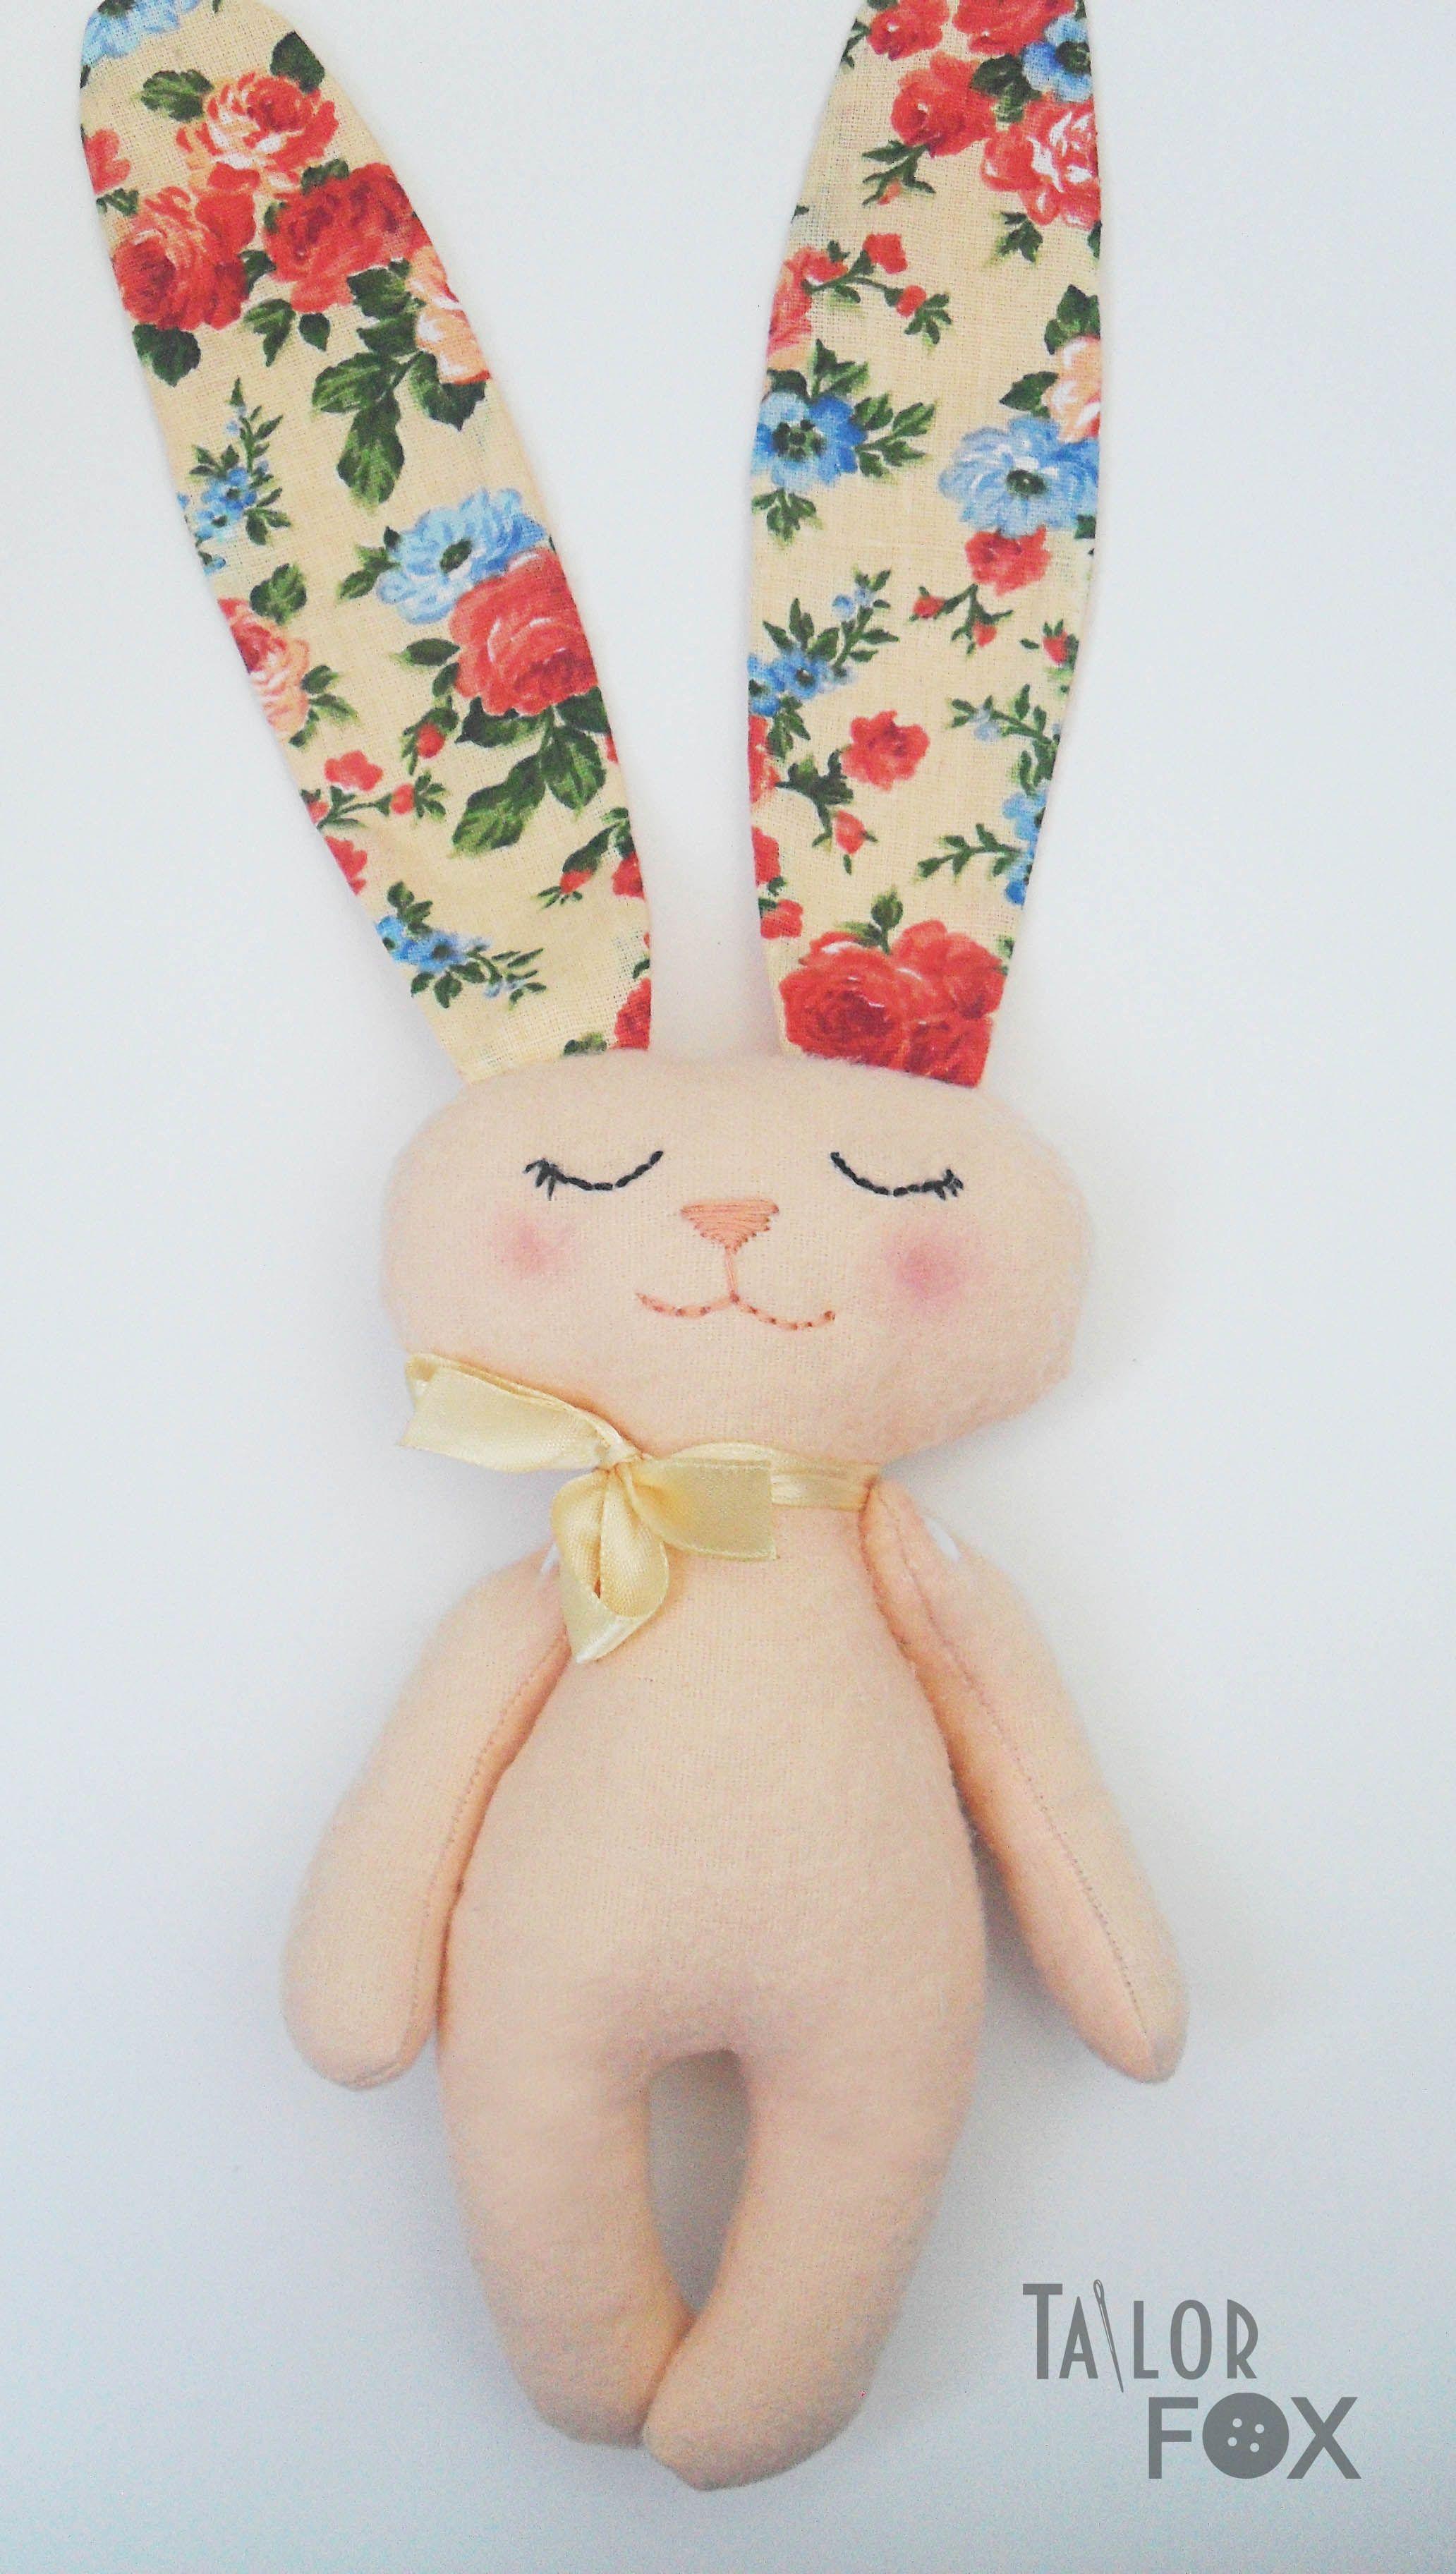 малютка сплюшка ушастик фланель ребенка для бежевый малышей сон заяц ручной работы персиковый игрушка подарок цветы текстильная